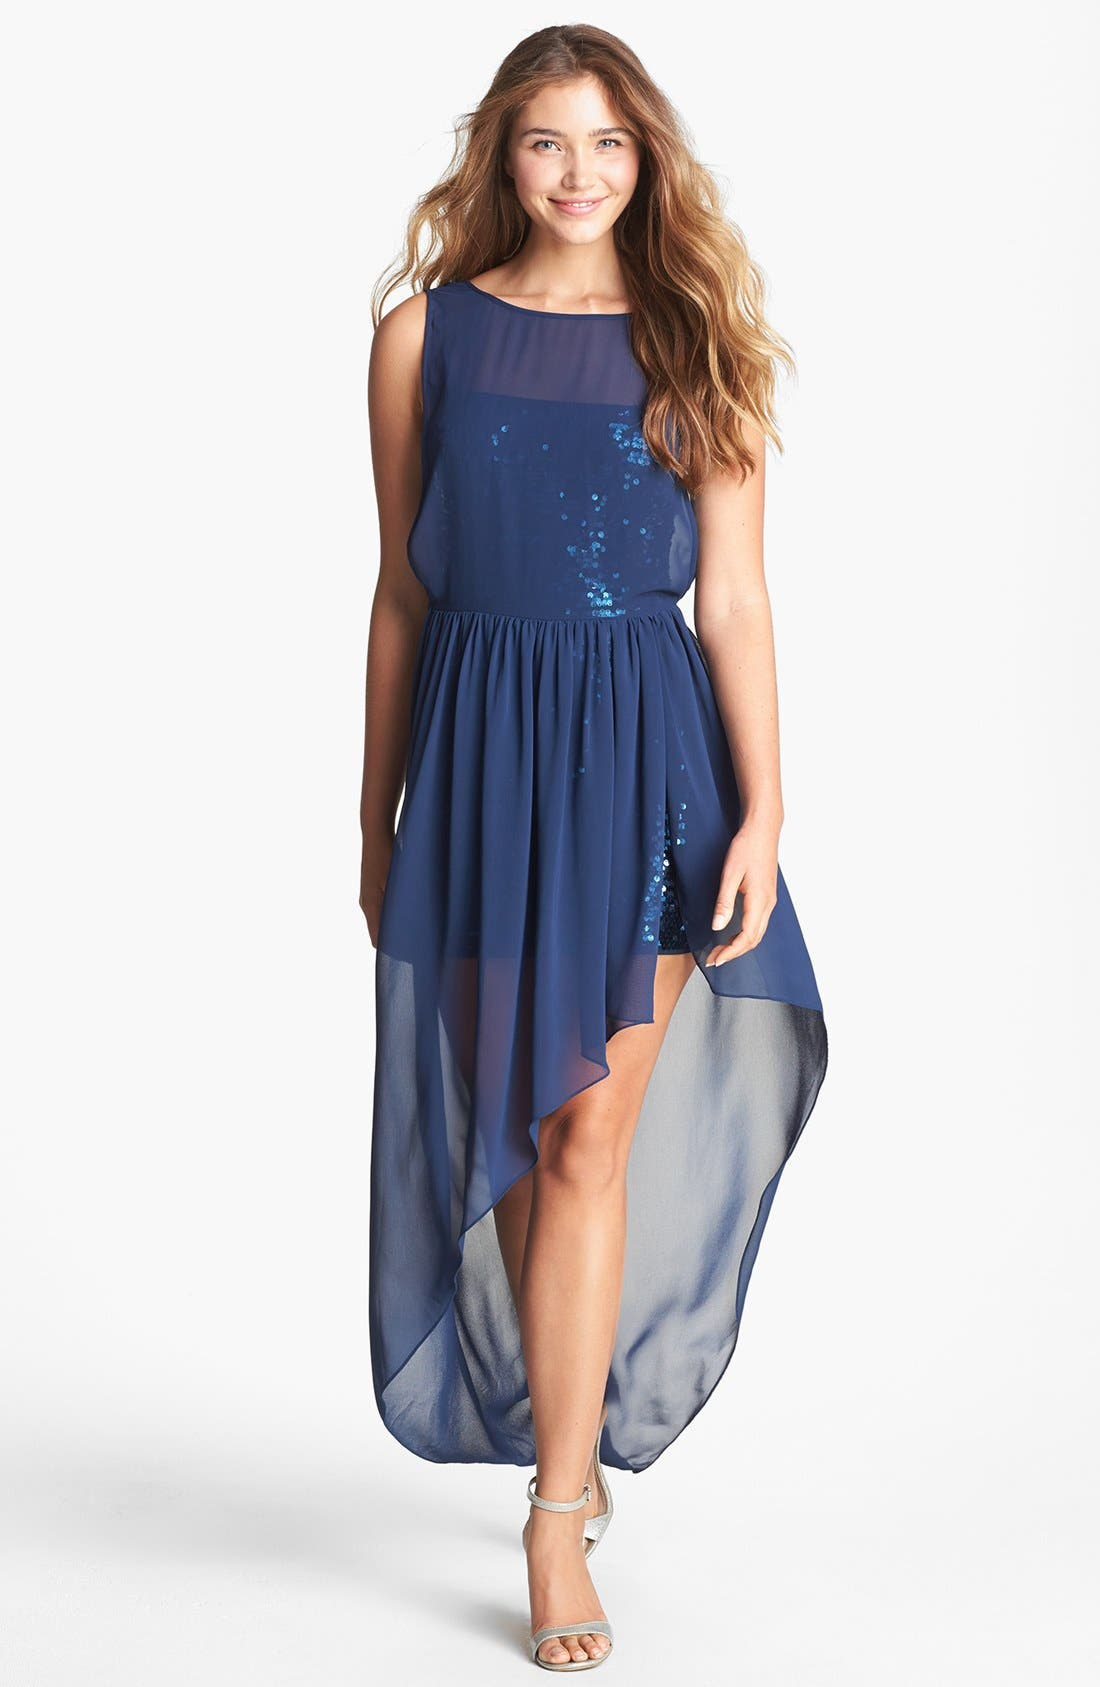 Main Image - BCBGMAXAZRIA Sequin & Sheer Chiffon High/Low Dress